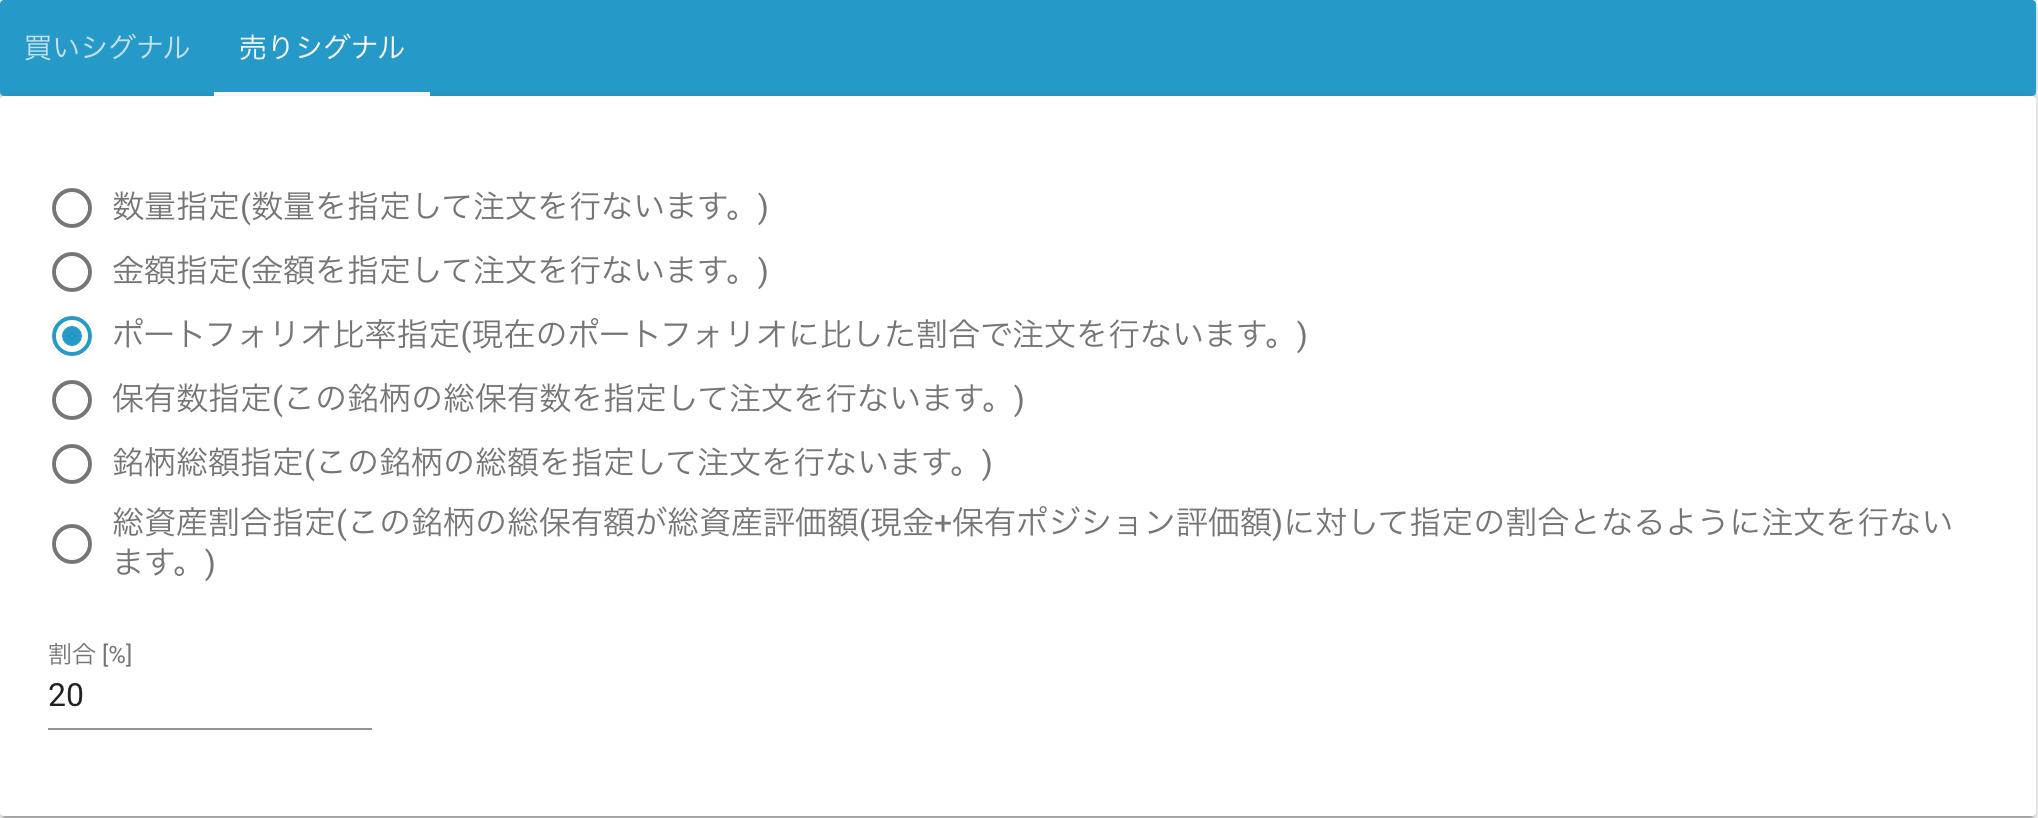 スクリーンショット 2019-09-18 21.14.47.png